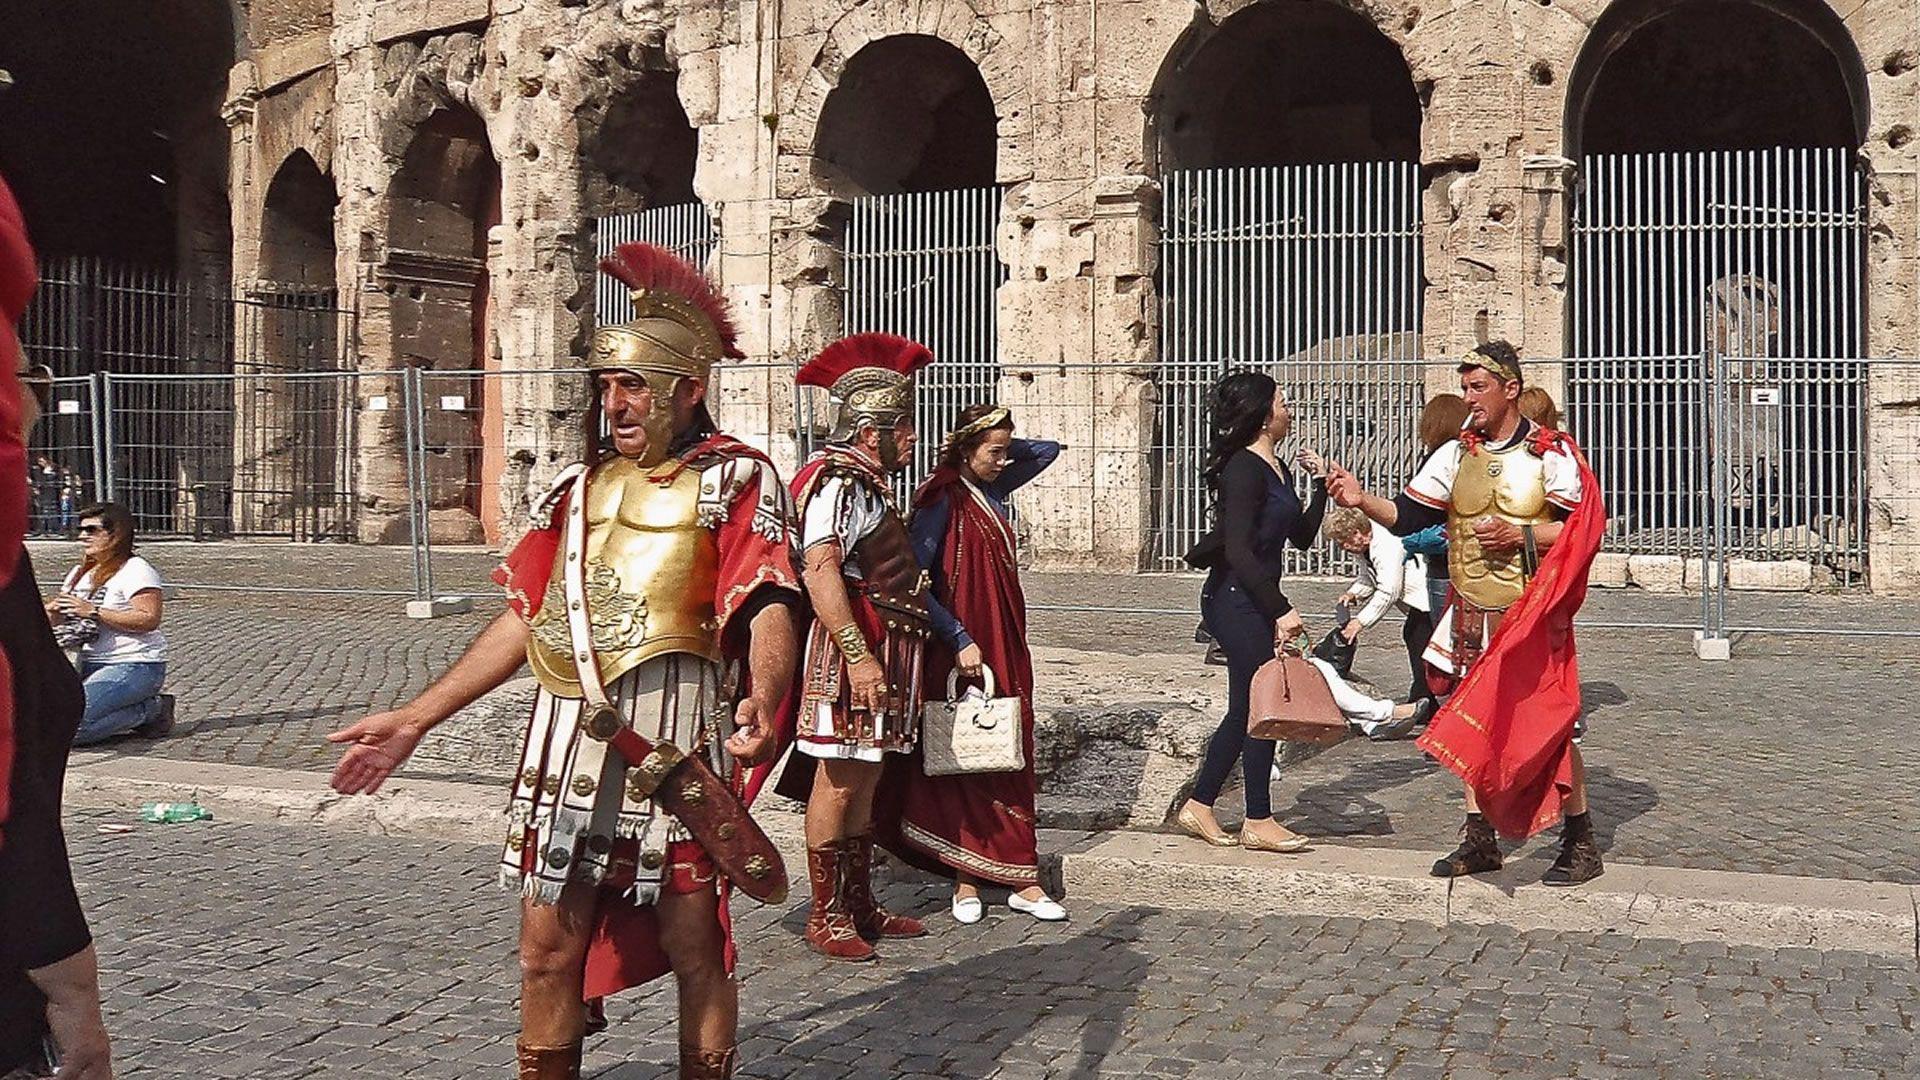 Roma cambia las reglas: no más fotos con gladiadores ni beber en la calle